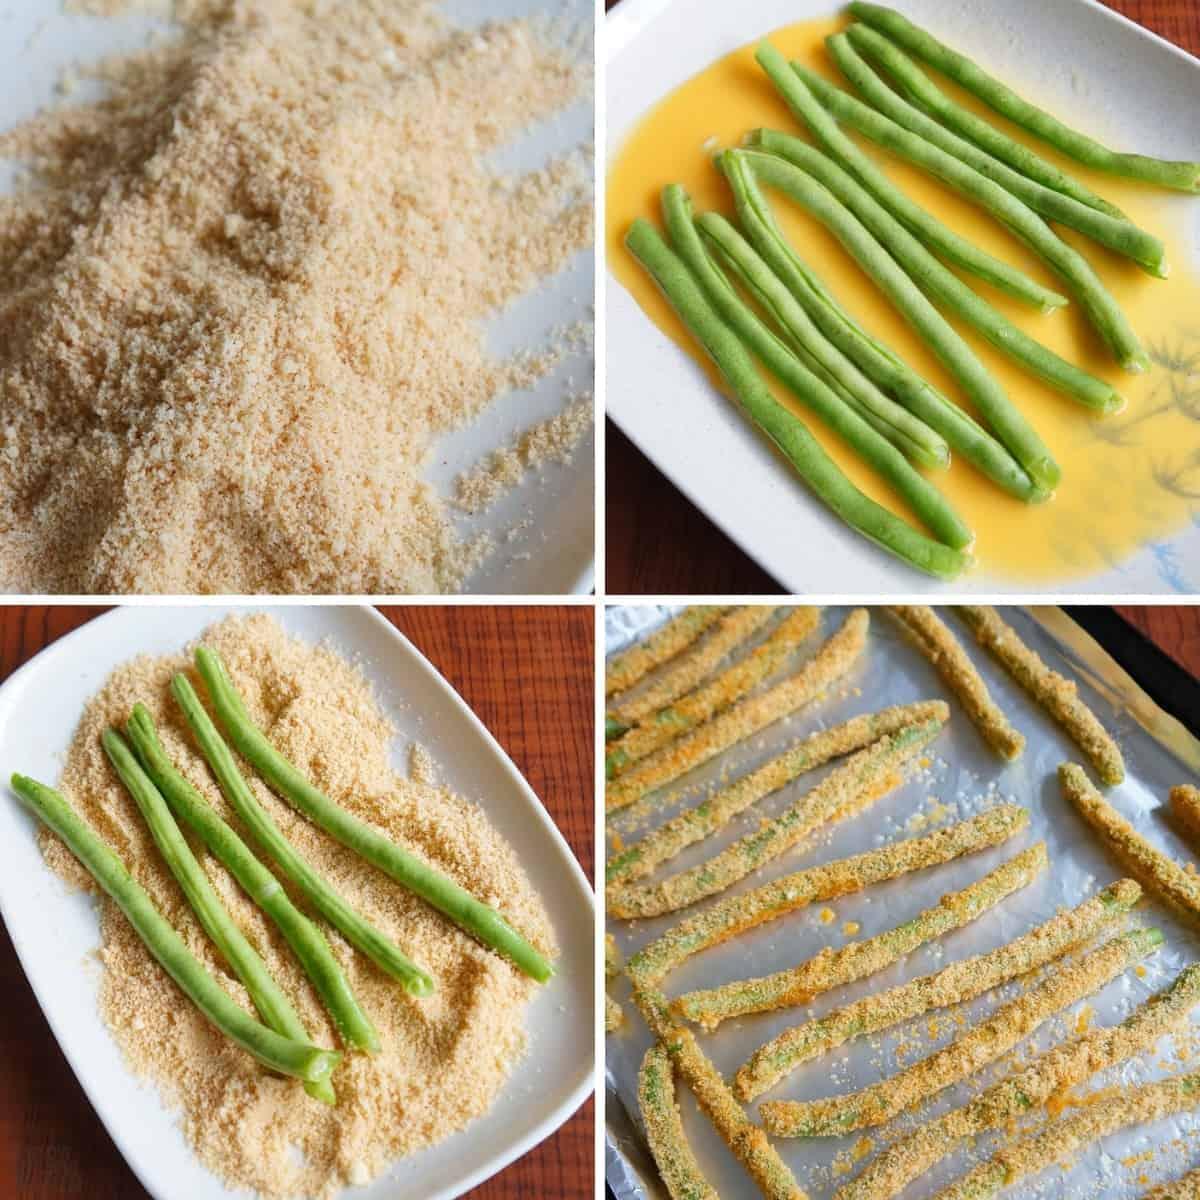 gluten free green bean fries final recipe steps